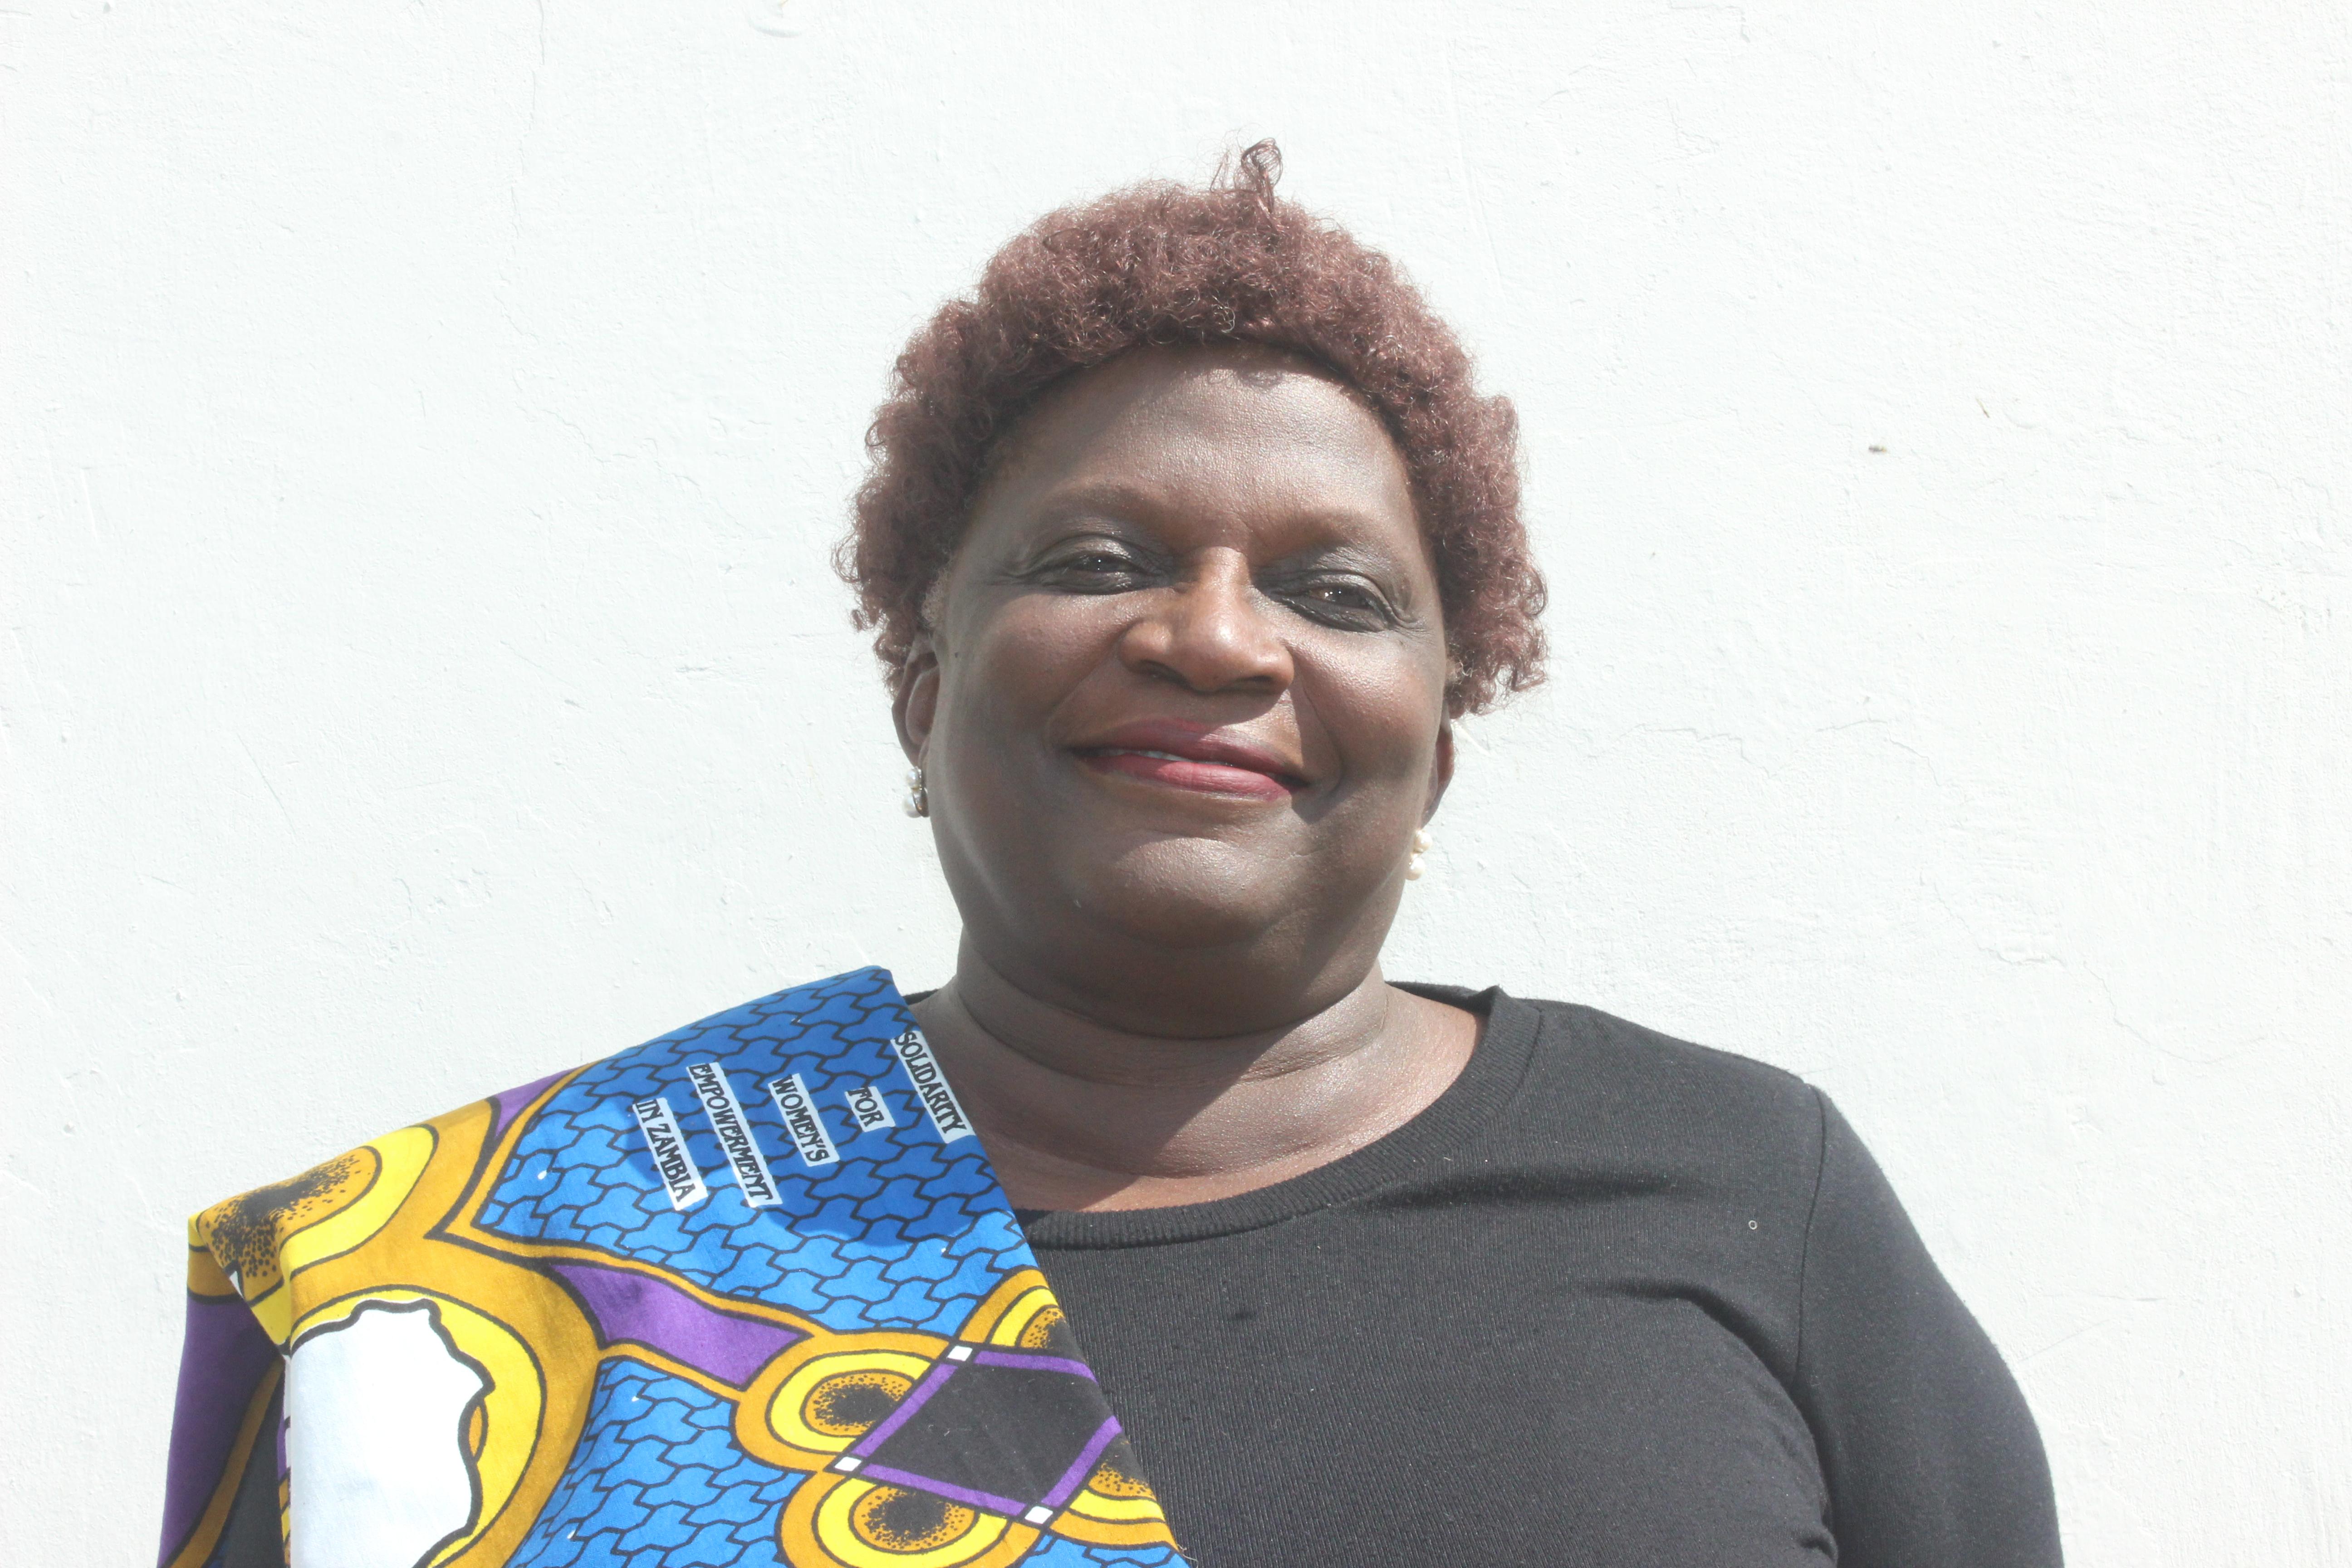 Ms. Daisy Nkhata Ng'ambi